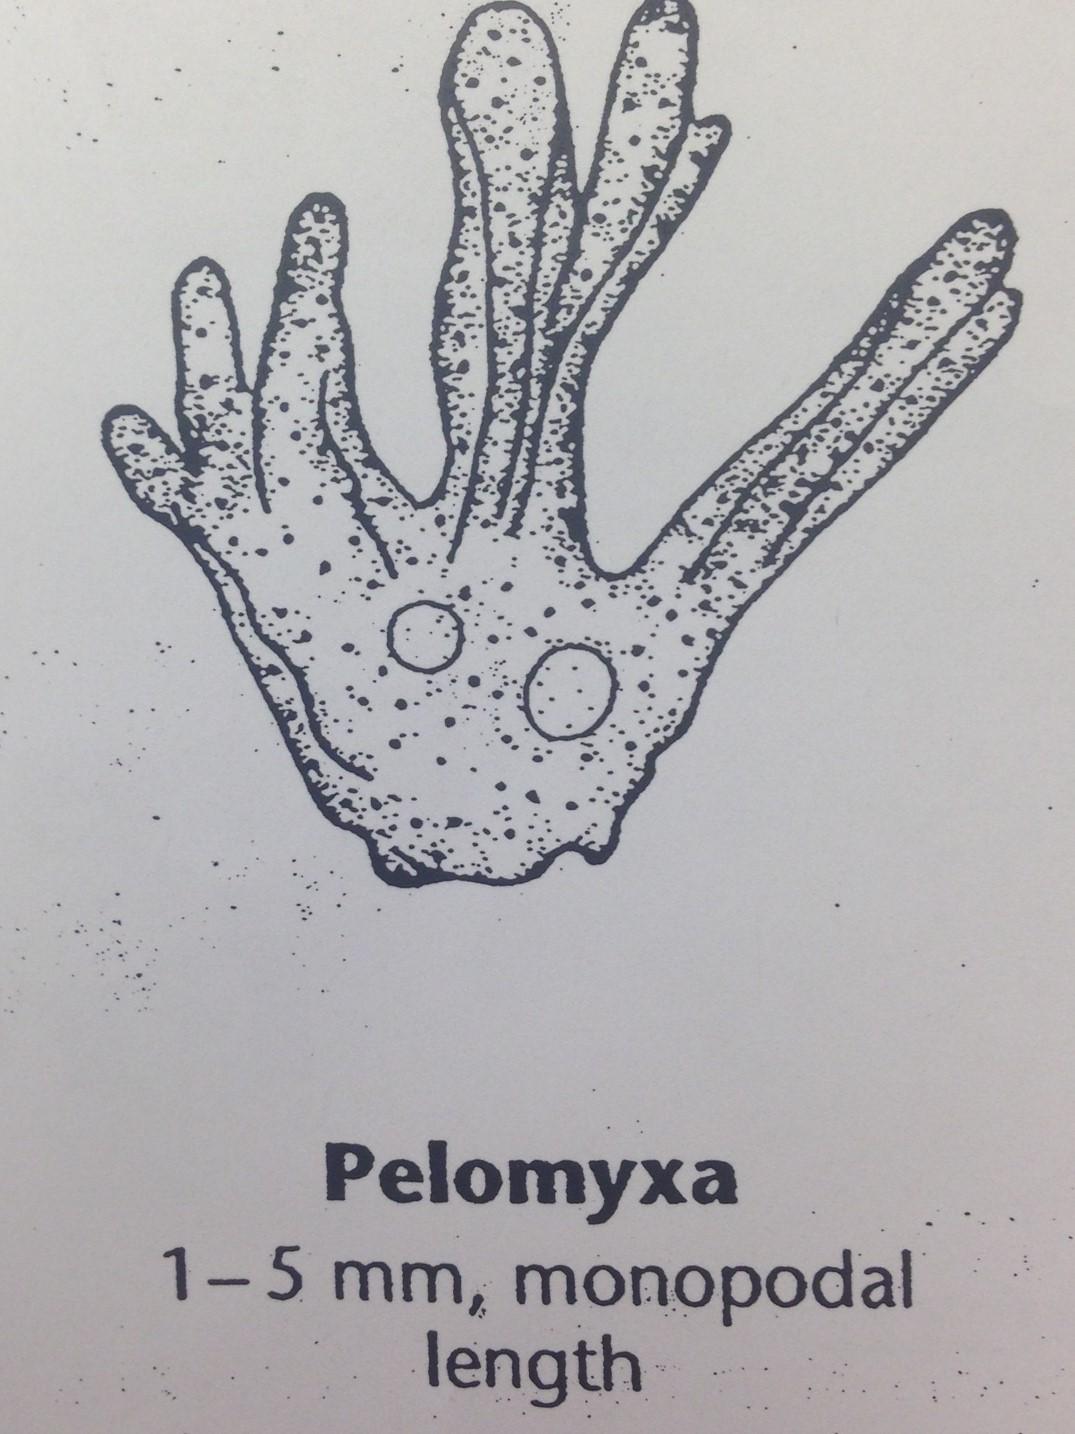 Pelomyxa isabelle.jpg